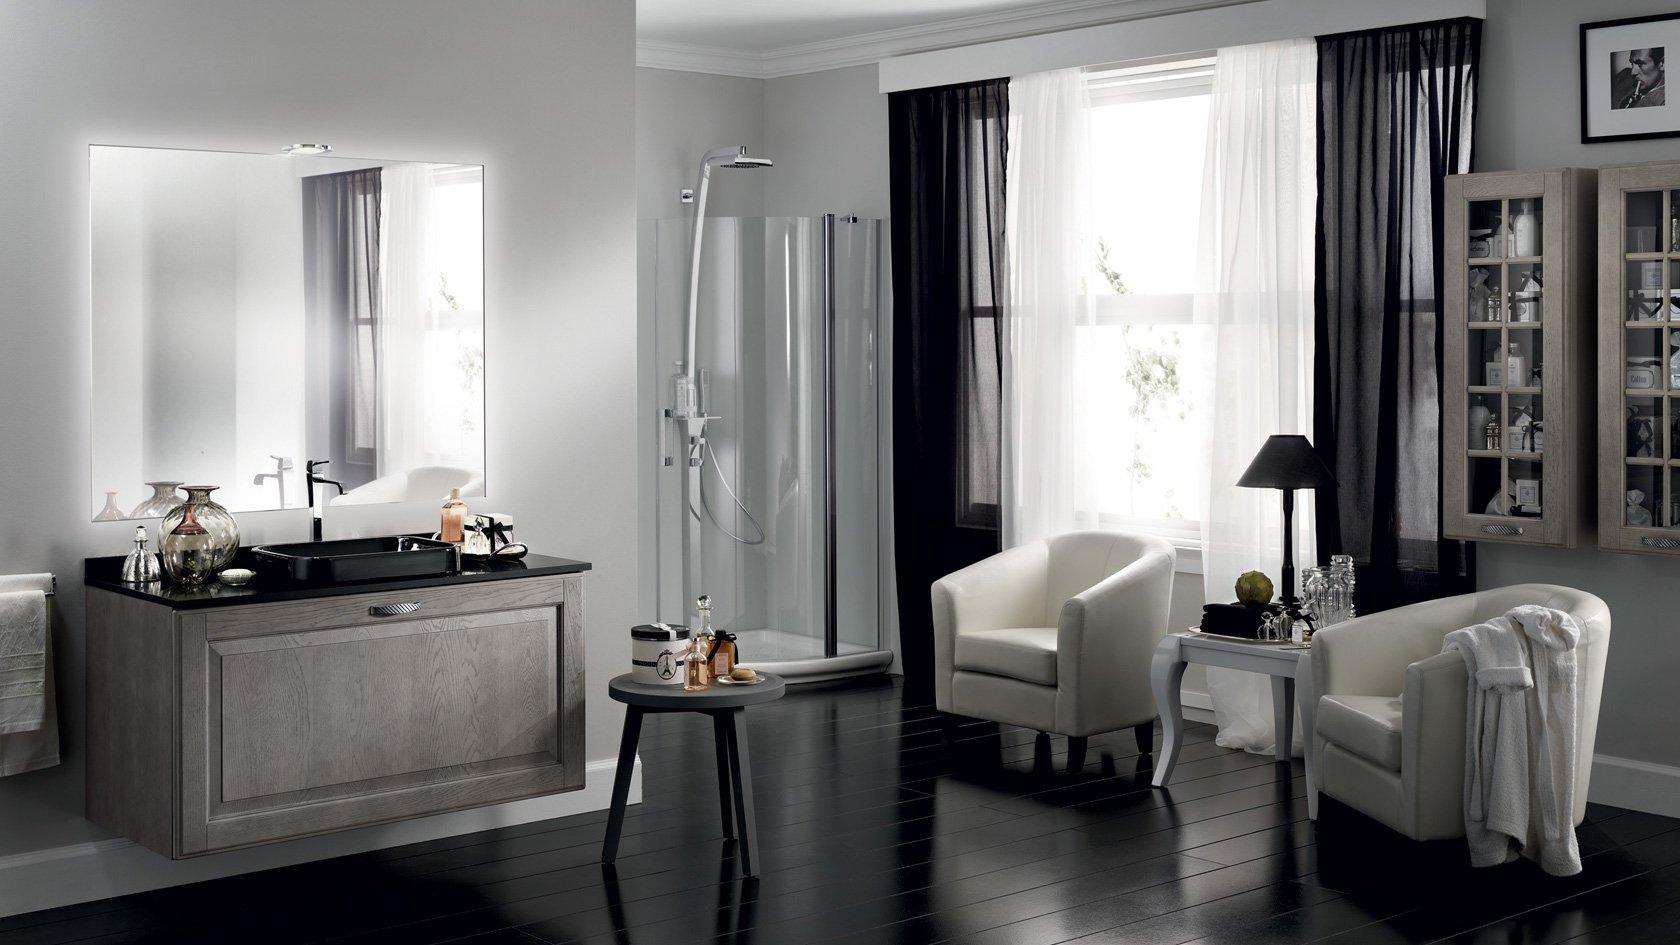 Logica d'arredo - il bagno - Scavolini - Baltimora